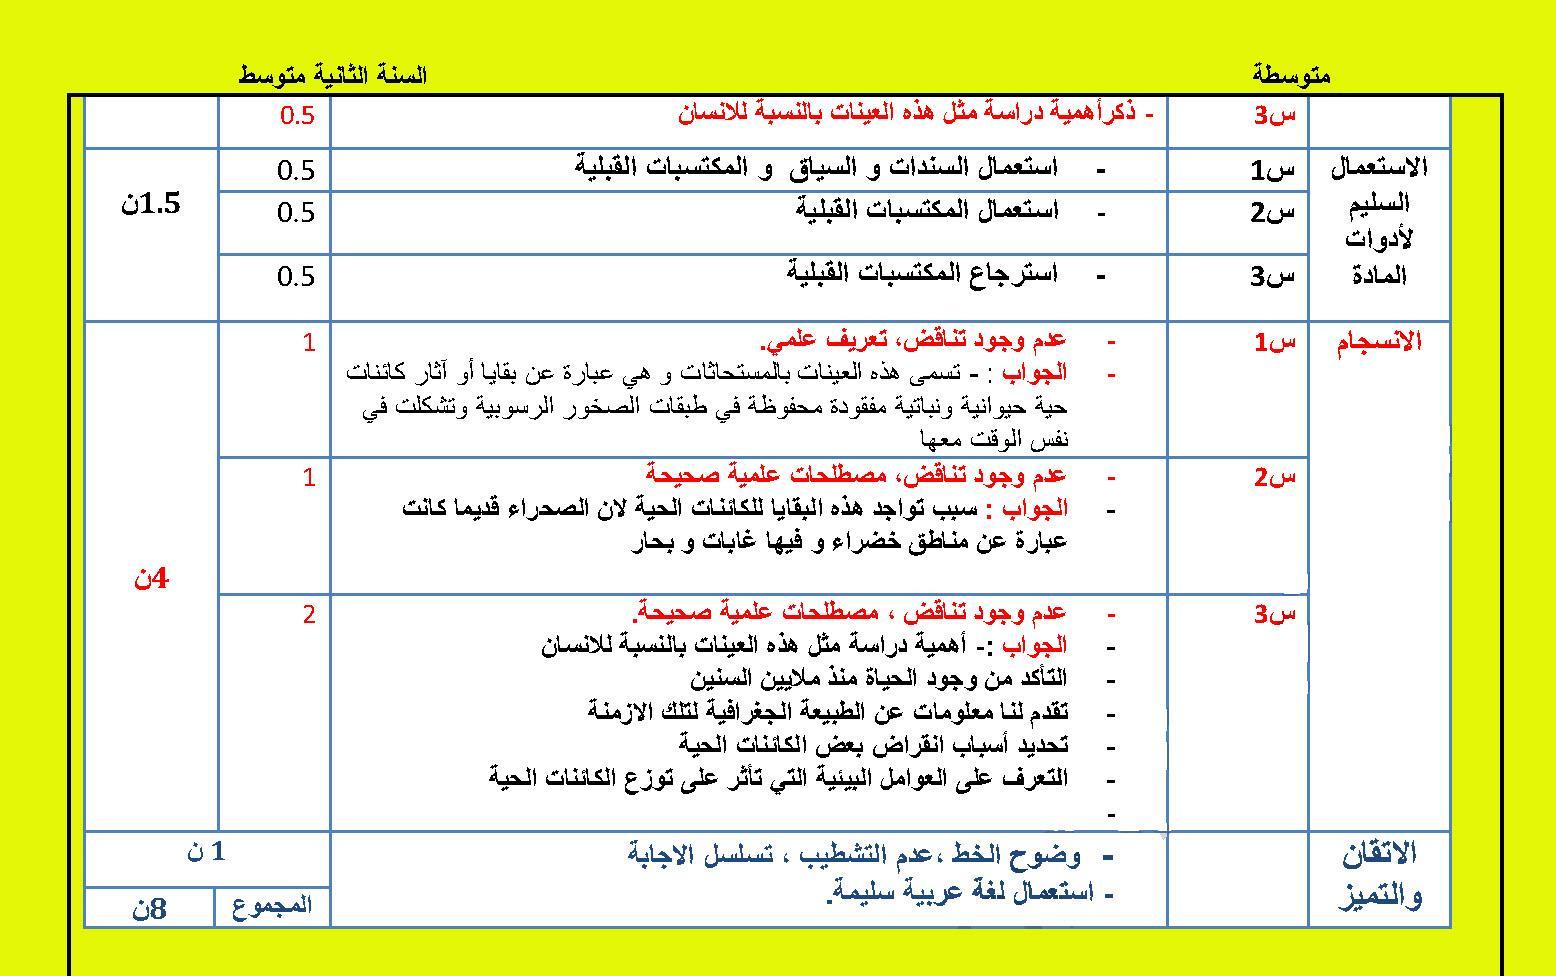 اختبار الفصل الثالث في العلوم الطبيعية السنة الثانية متوسط - الموضوع 01